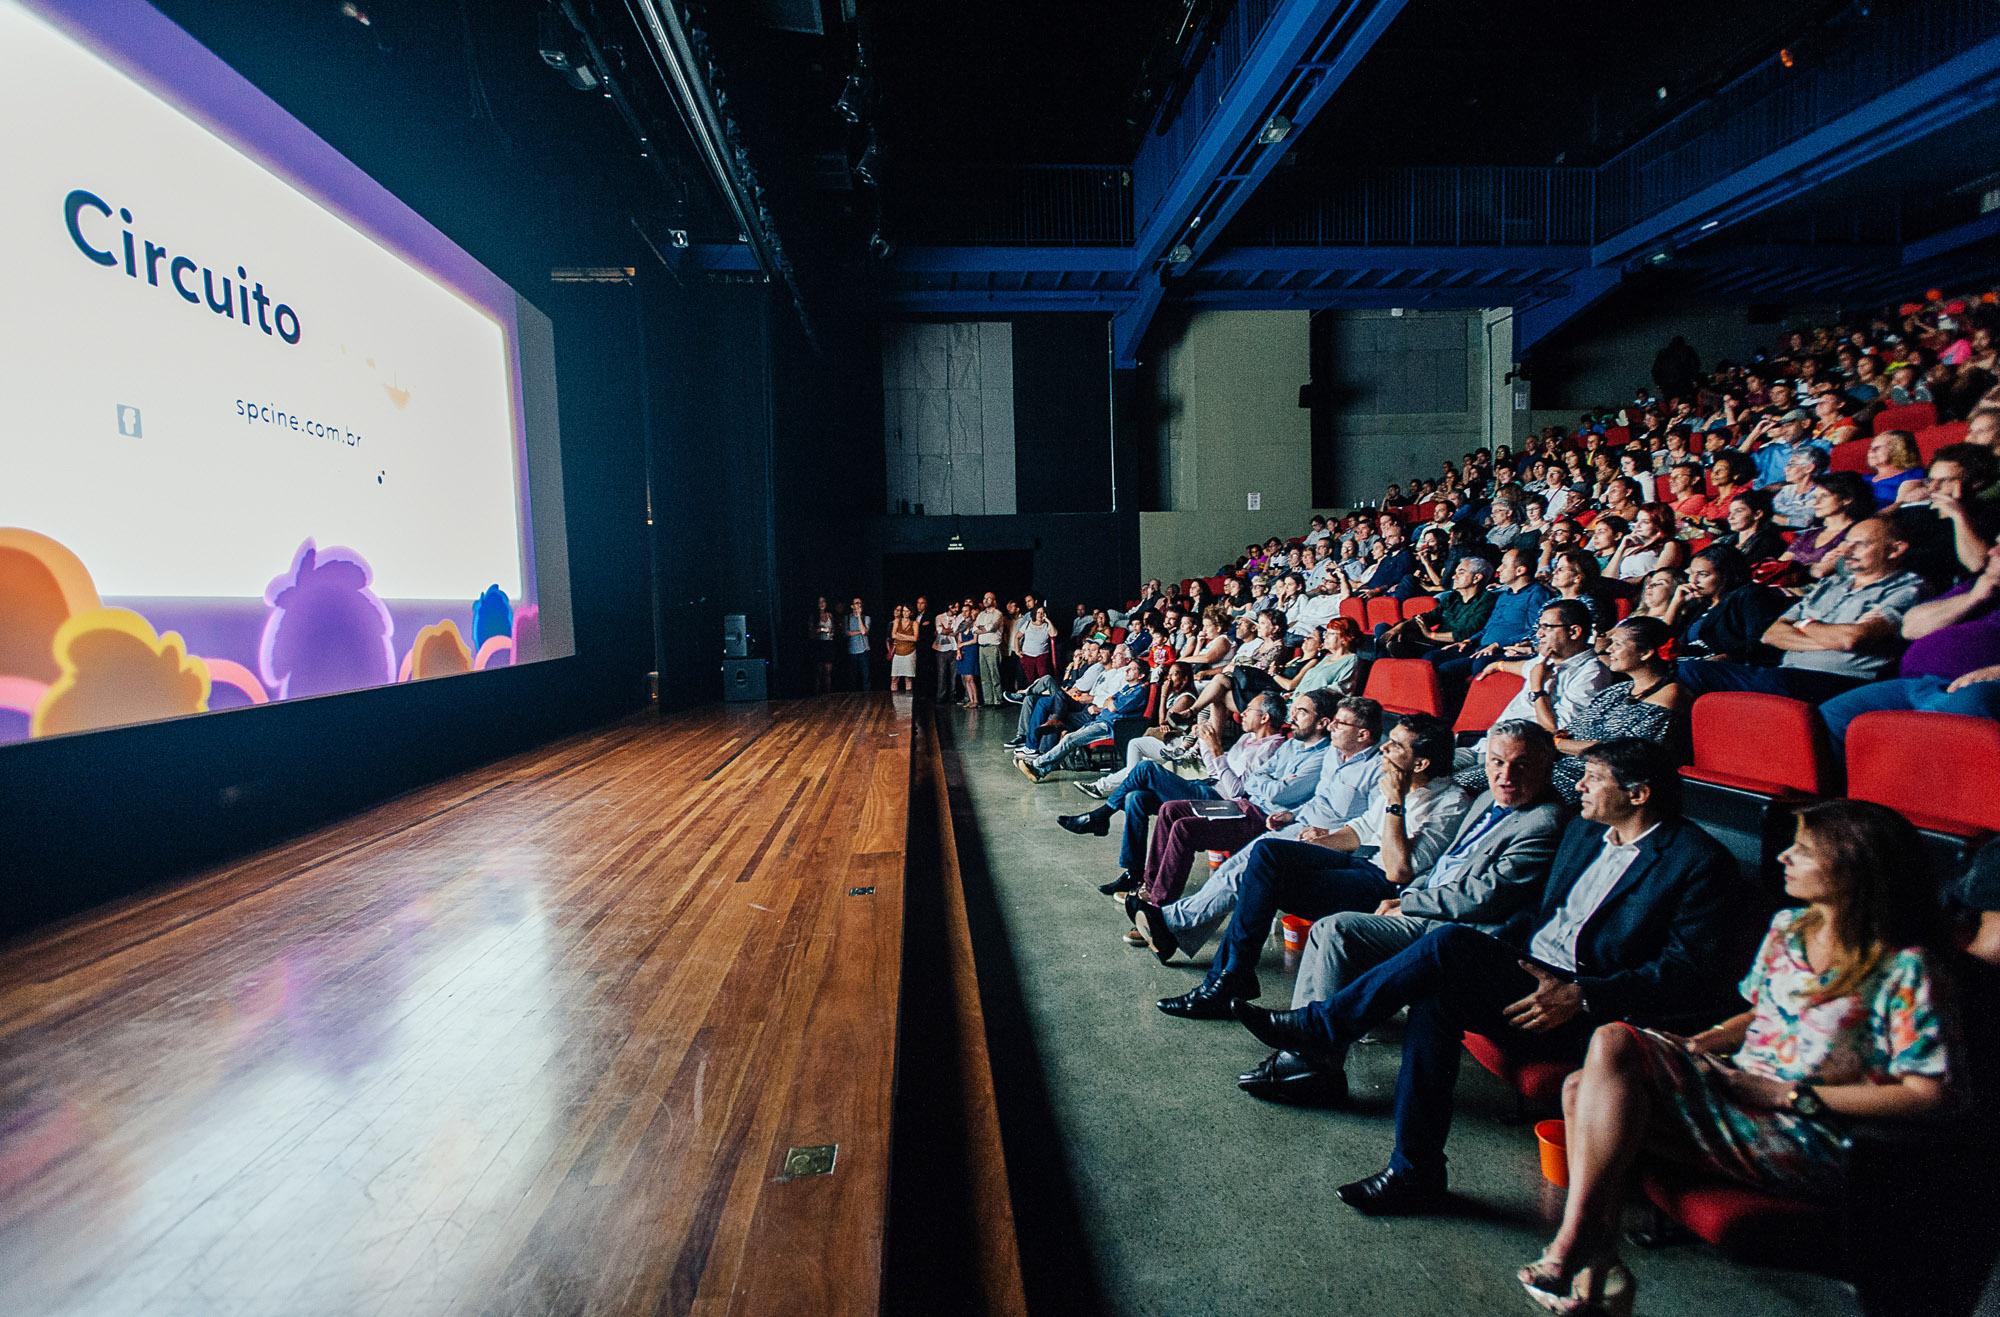 Circuito Sp Cine : Cabine pipoca circuito spcine oferece cinema gratuito